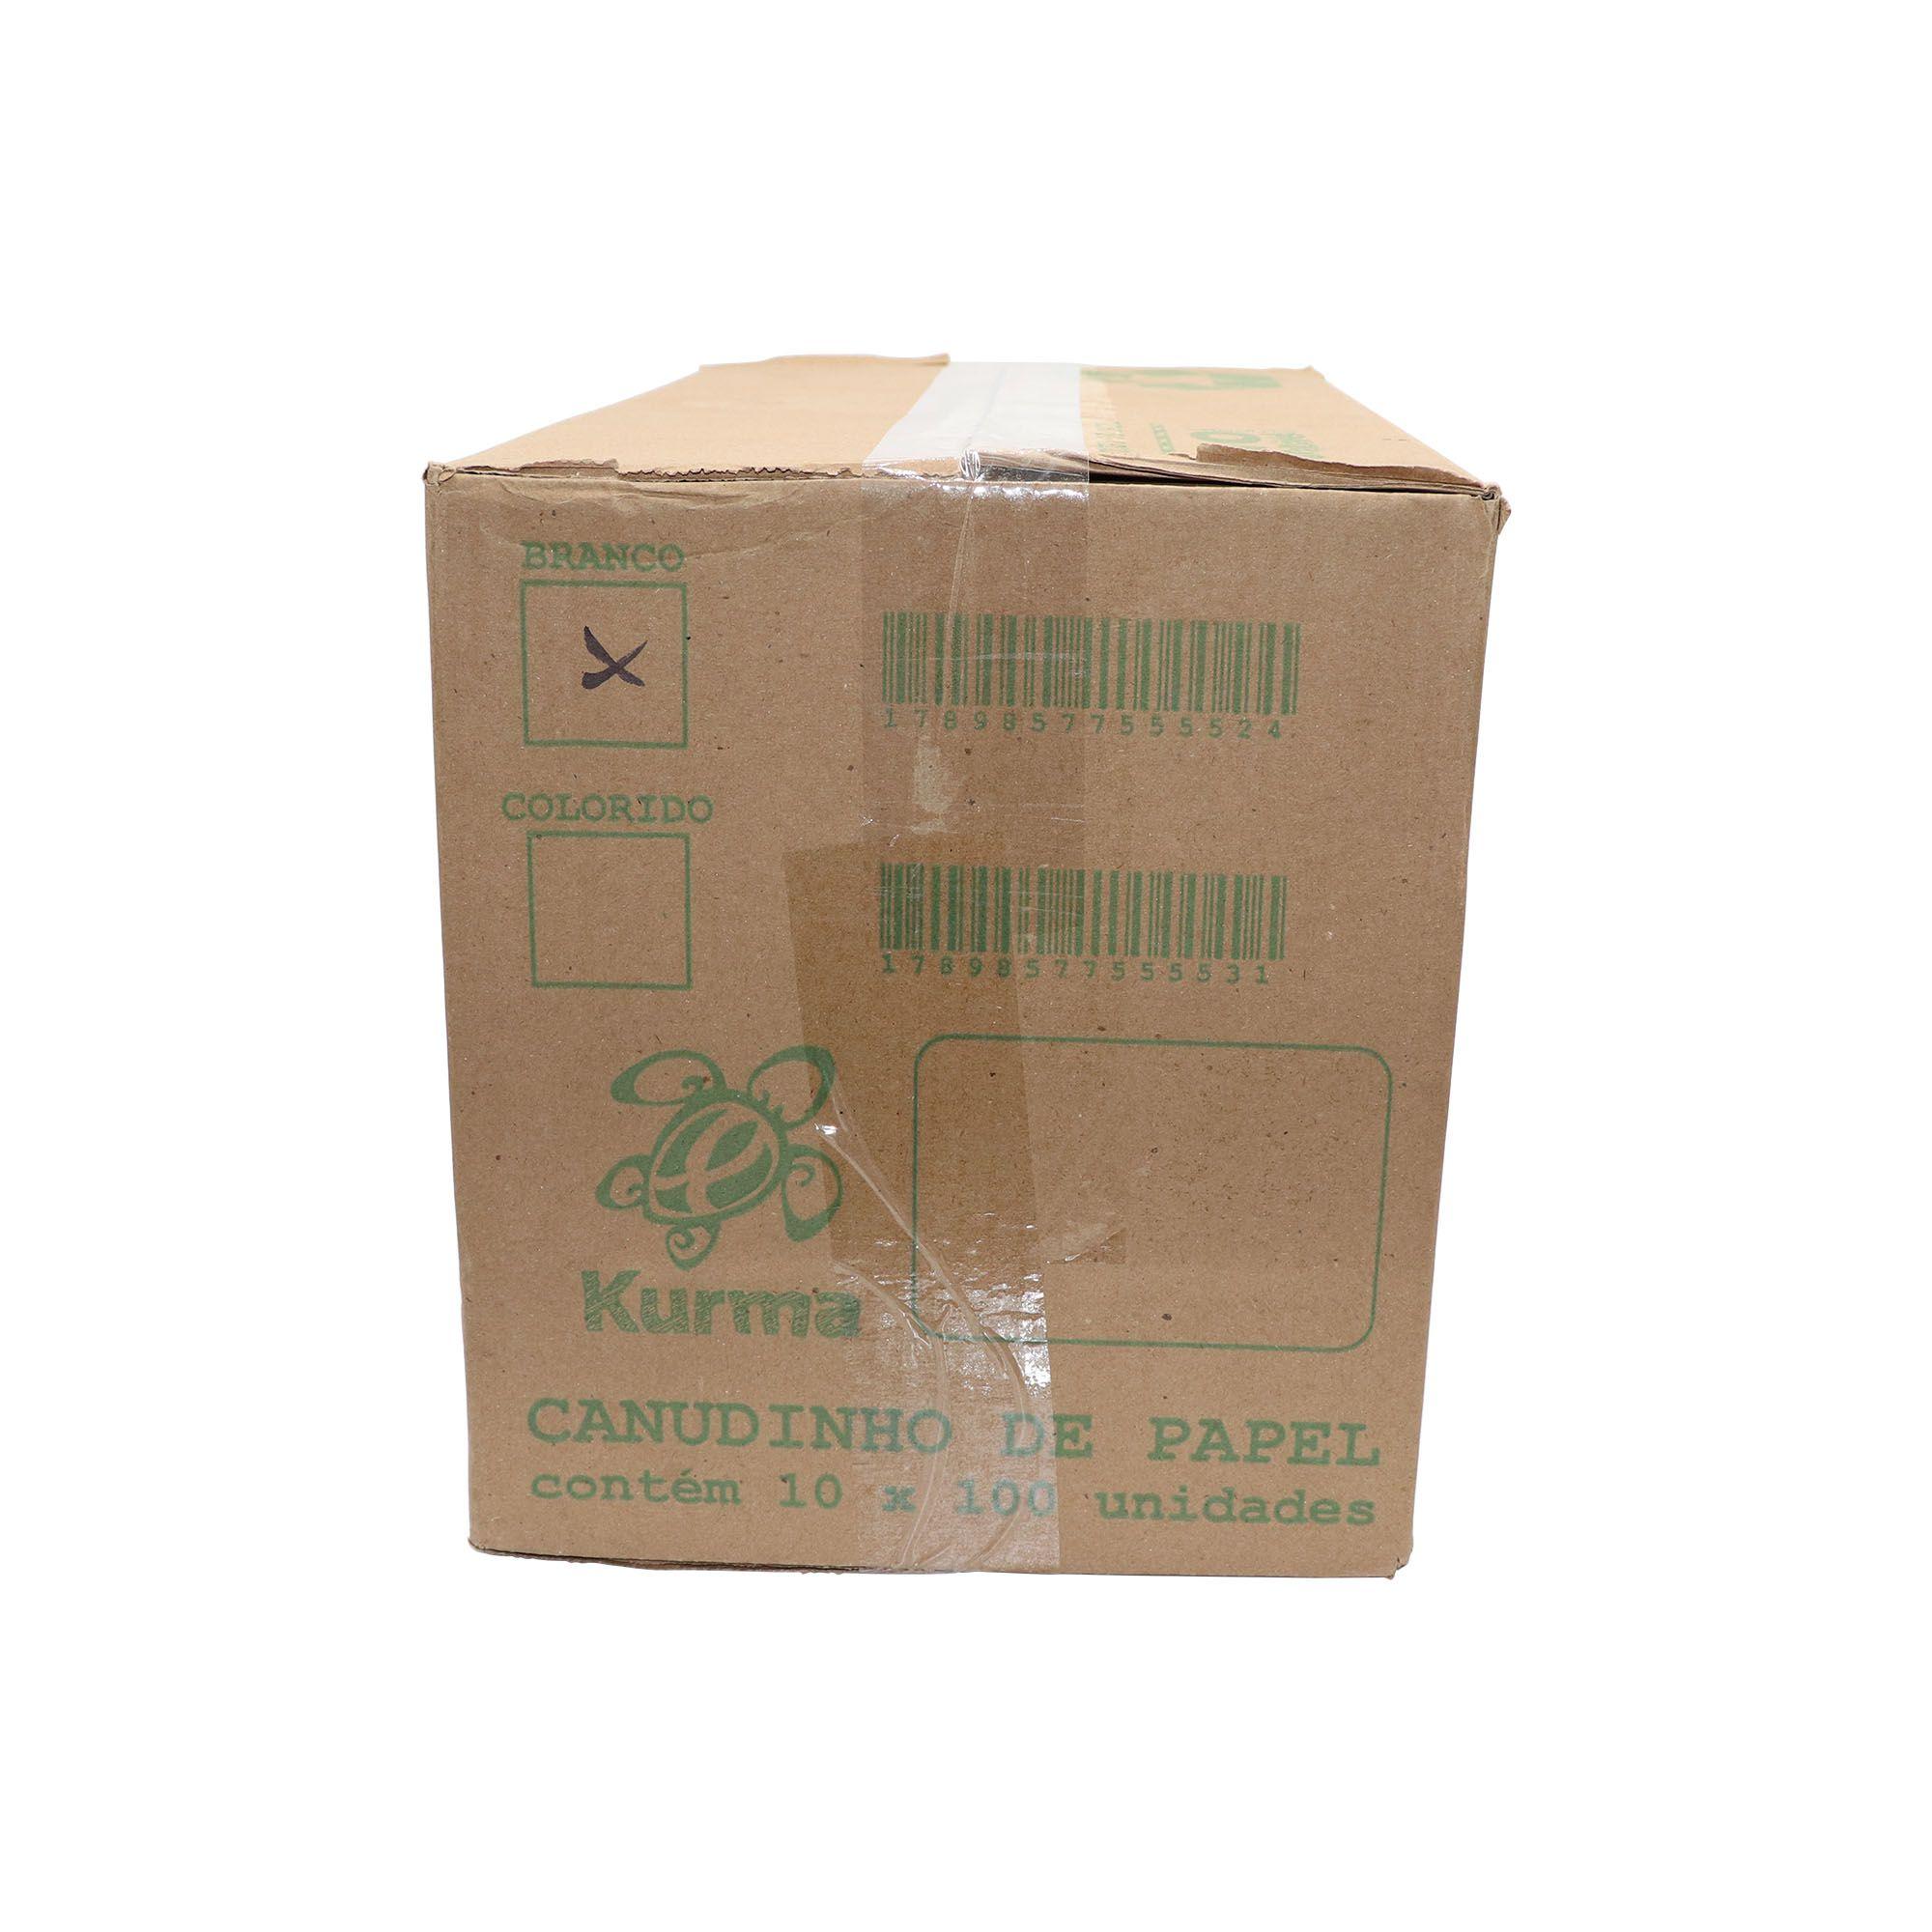 Canudo Biodegradável de Papel com 1.000 uni.